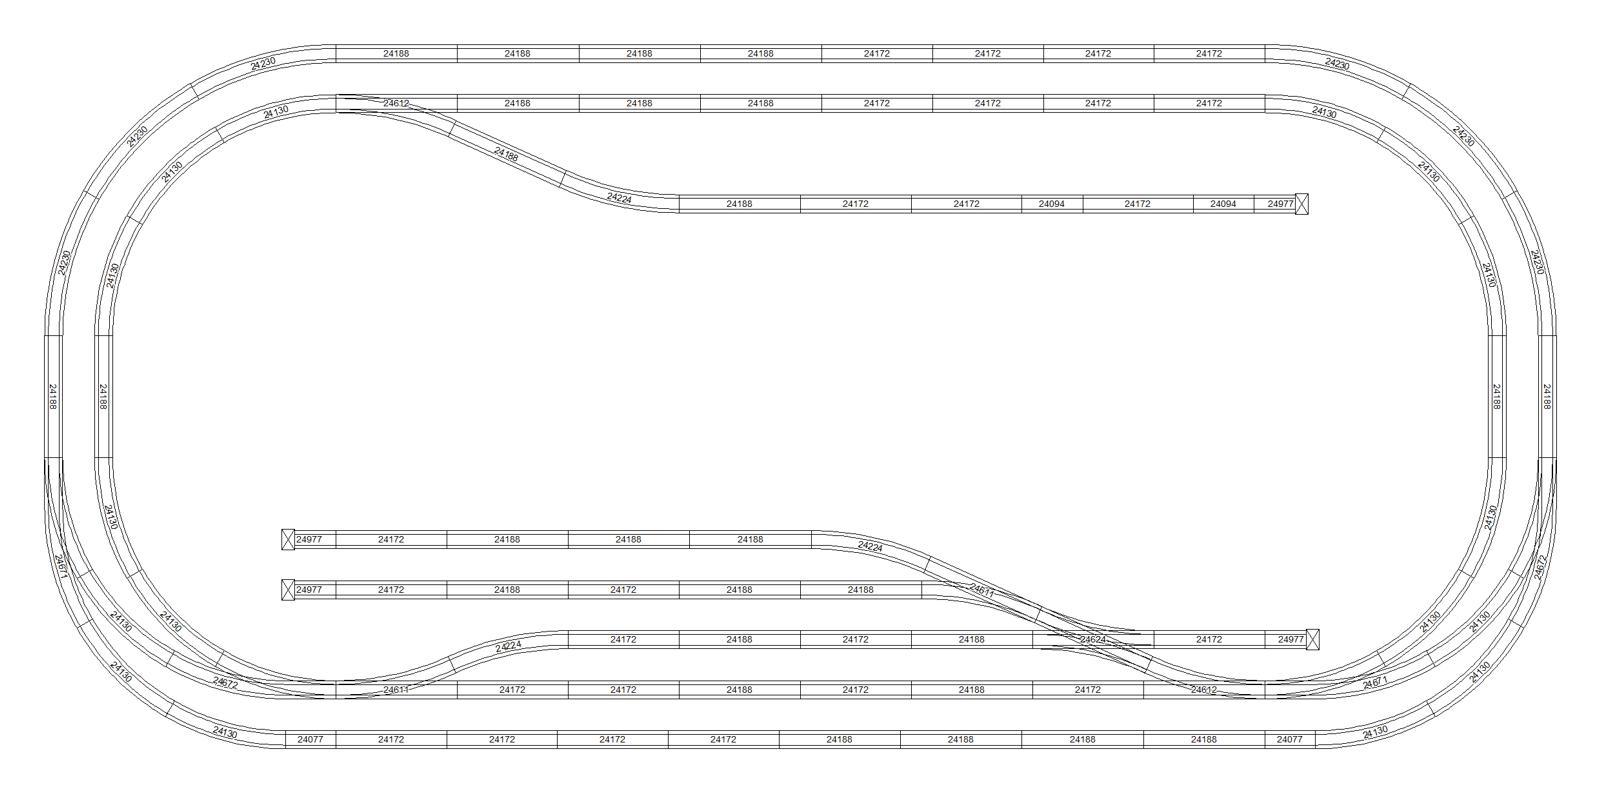 Esempi Di Progettazione Plastico Marklin C Track Creati